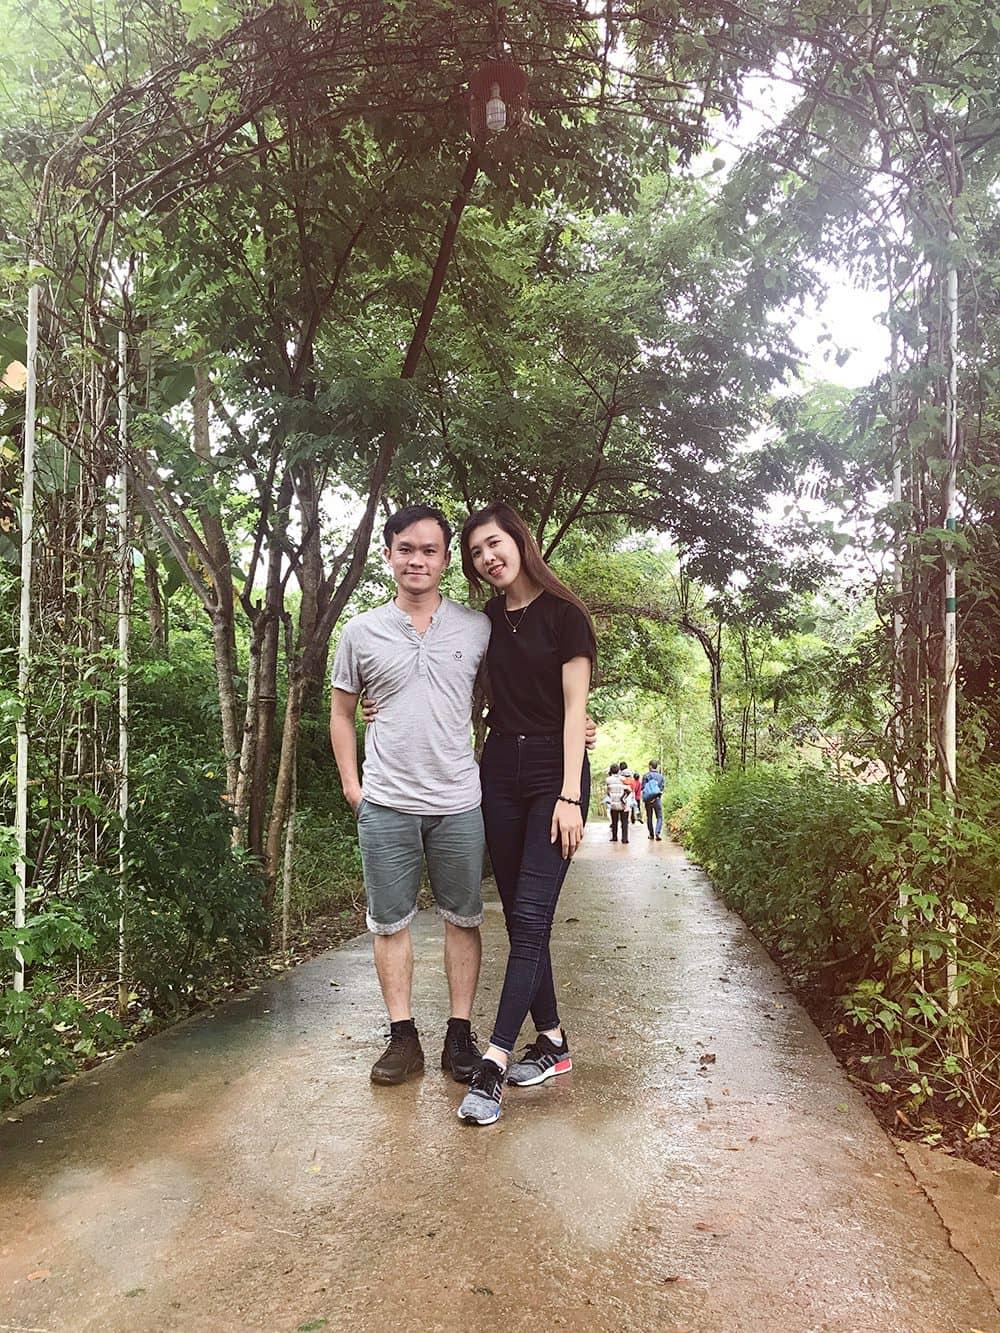 KoTKoTam là một khu du lịch sinh thái đẹp ở Đăk Lăk cách trung tâm thành phố Buôn Ma Thuột 9 km về phía Đông Nam (hướng đi Nha Trang)....am - Khu du lịch sinh thái đẹp ở Đăk Lăk